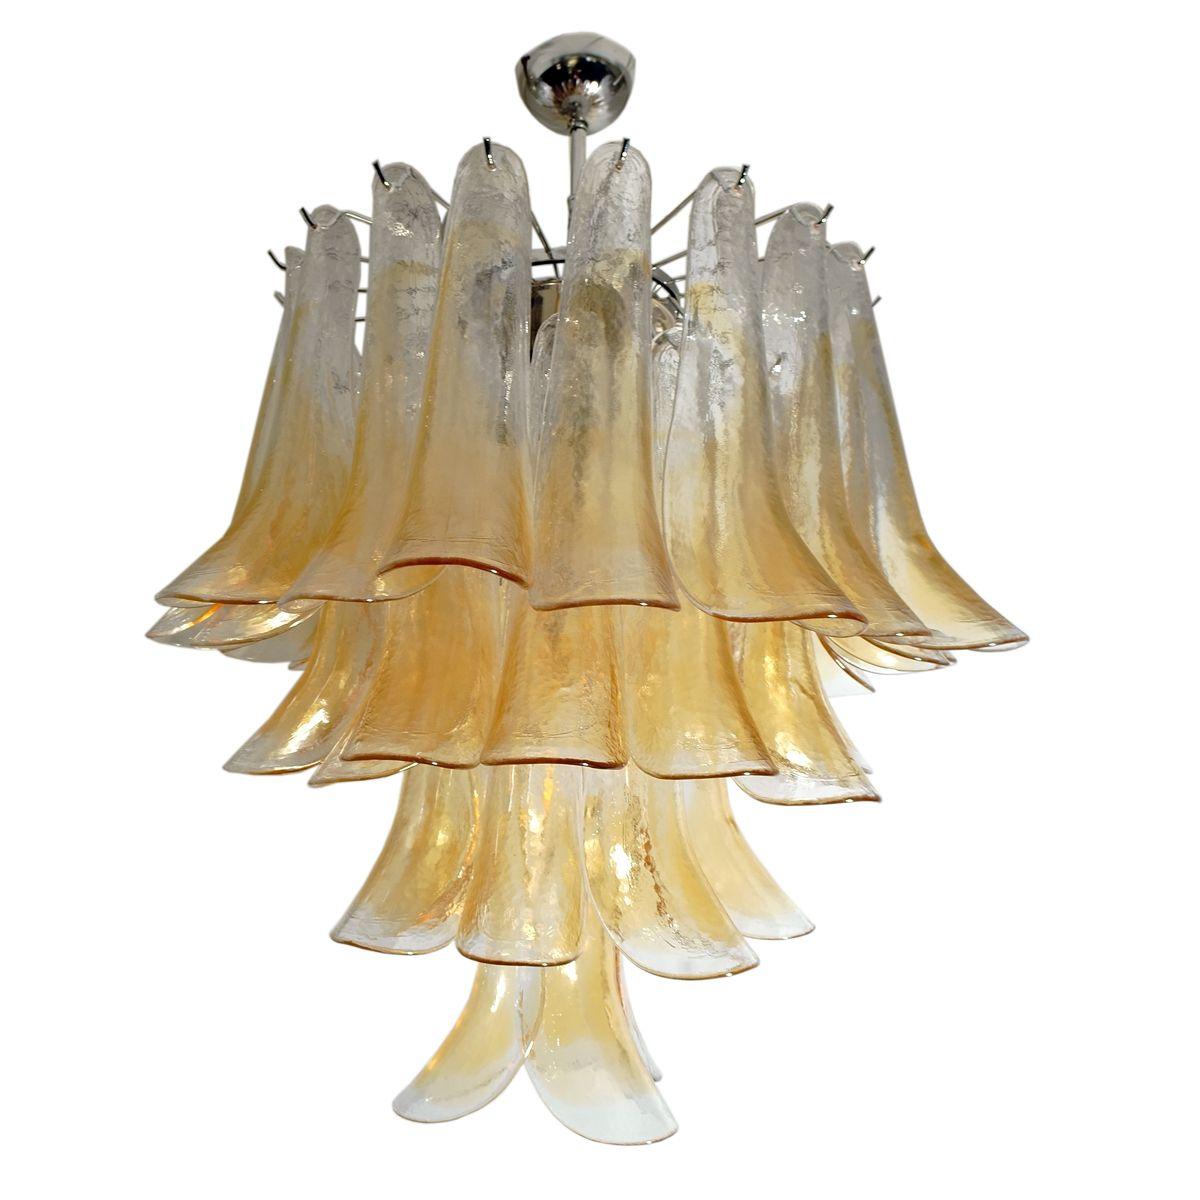 Sella Piccolo Deckenlampe, 1980er